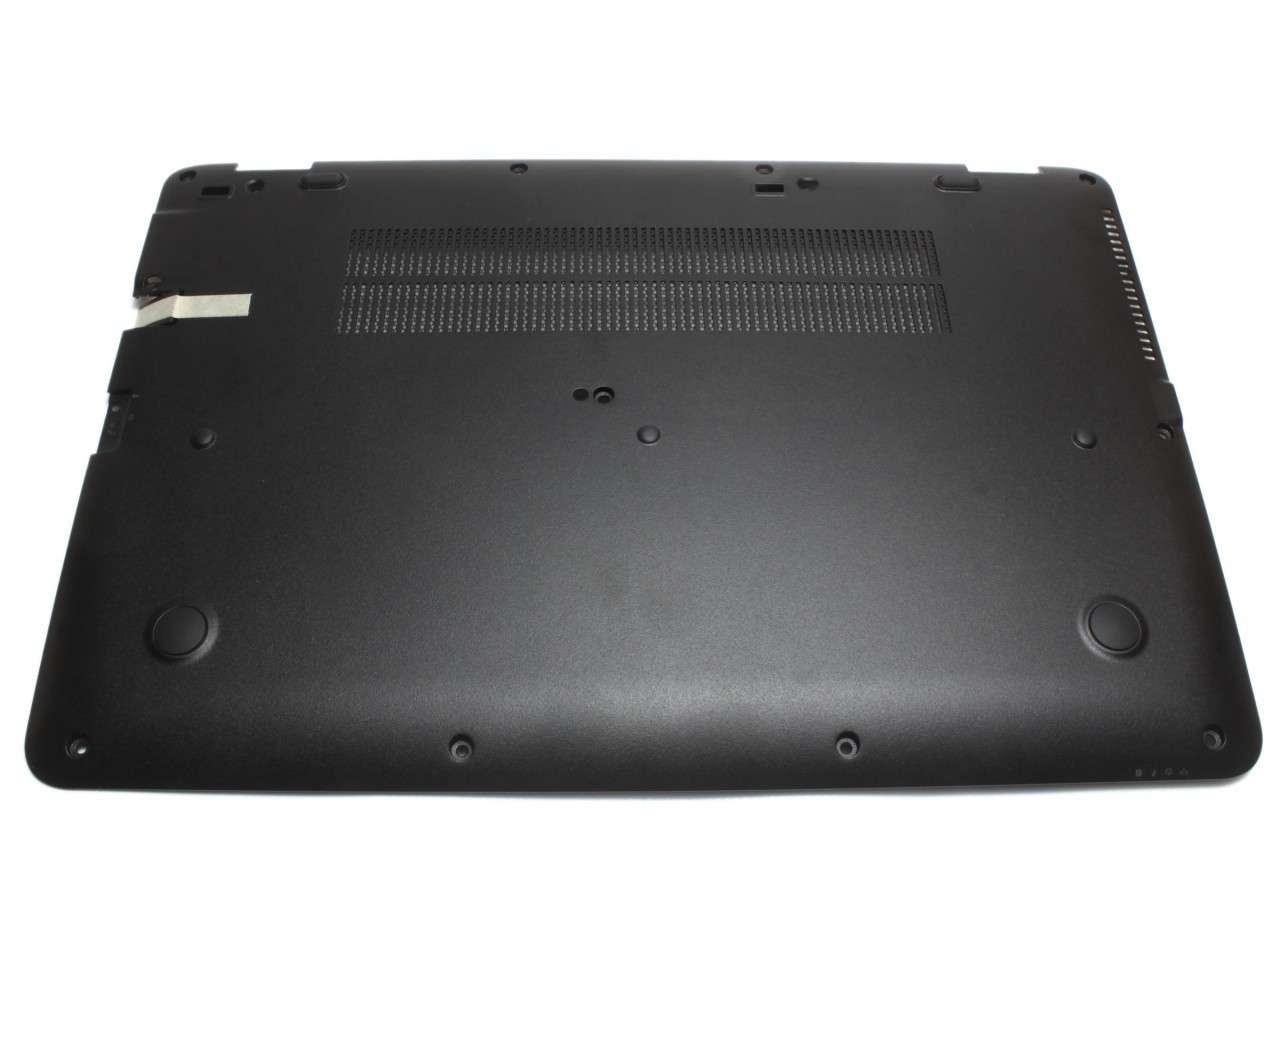 Bottom Case HP 821181 001 Carcasa Inferioara Neagra imagine powerlaptop.ro 2021